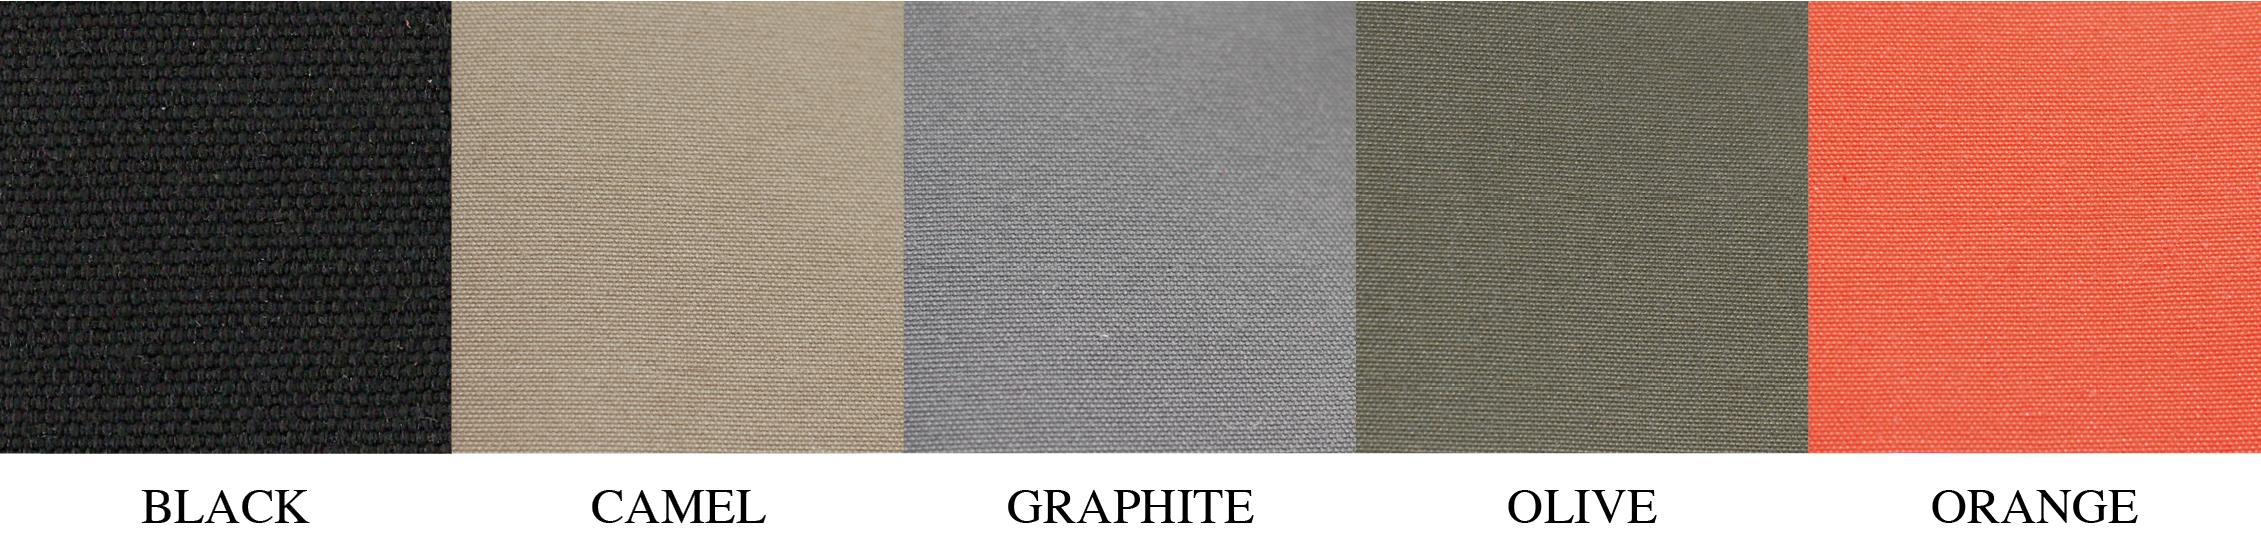 mahiout canvas materials